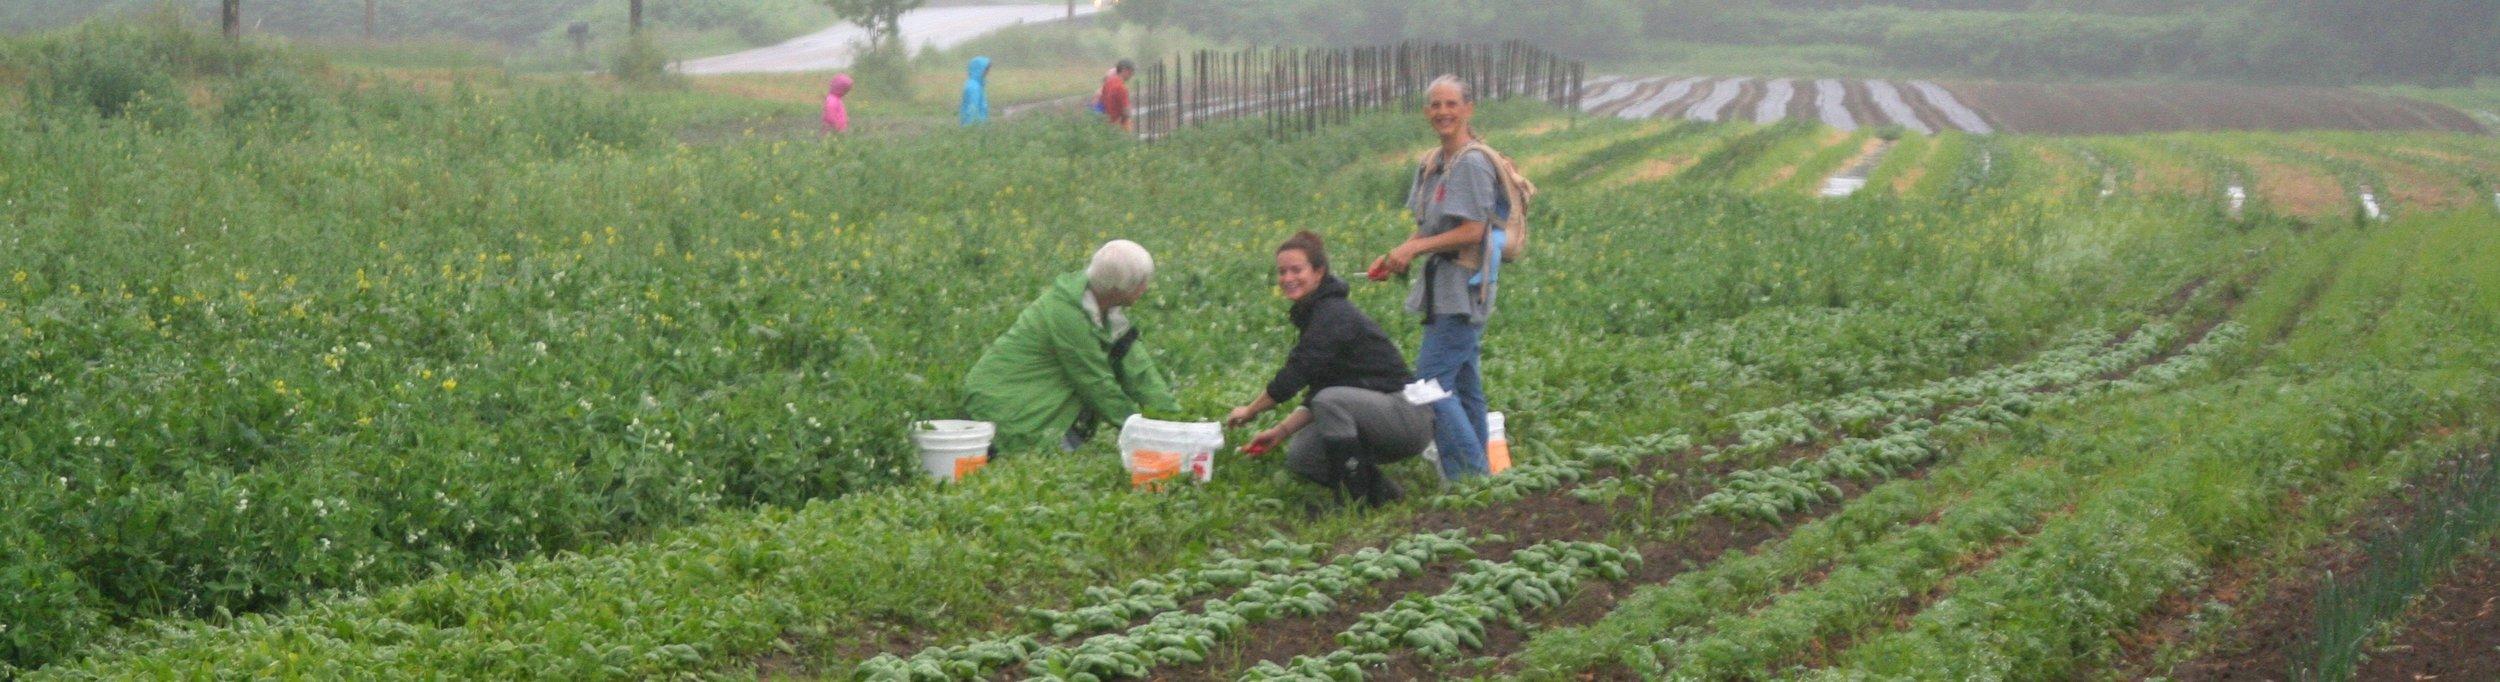 CHCV Gleaning at Dog River Farm crop.jpg